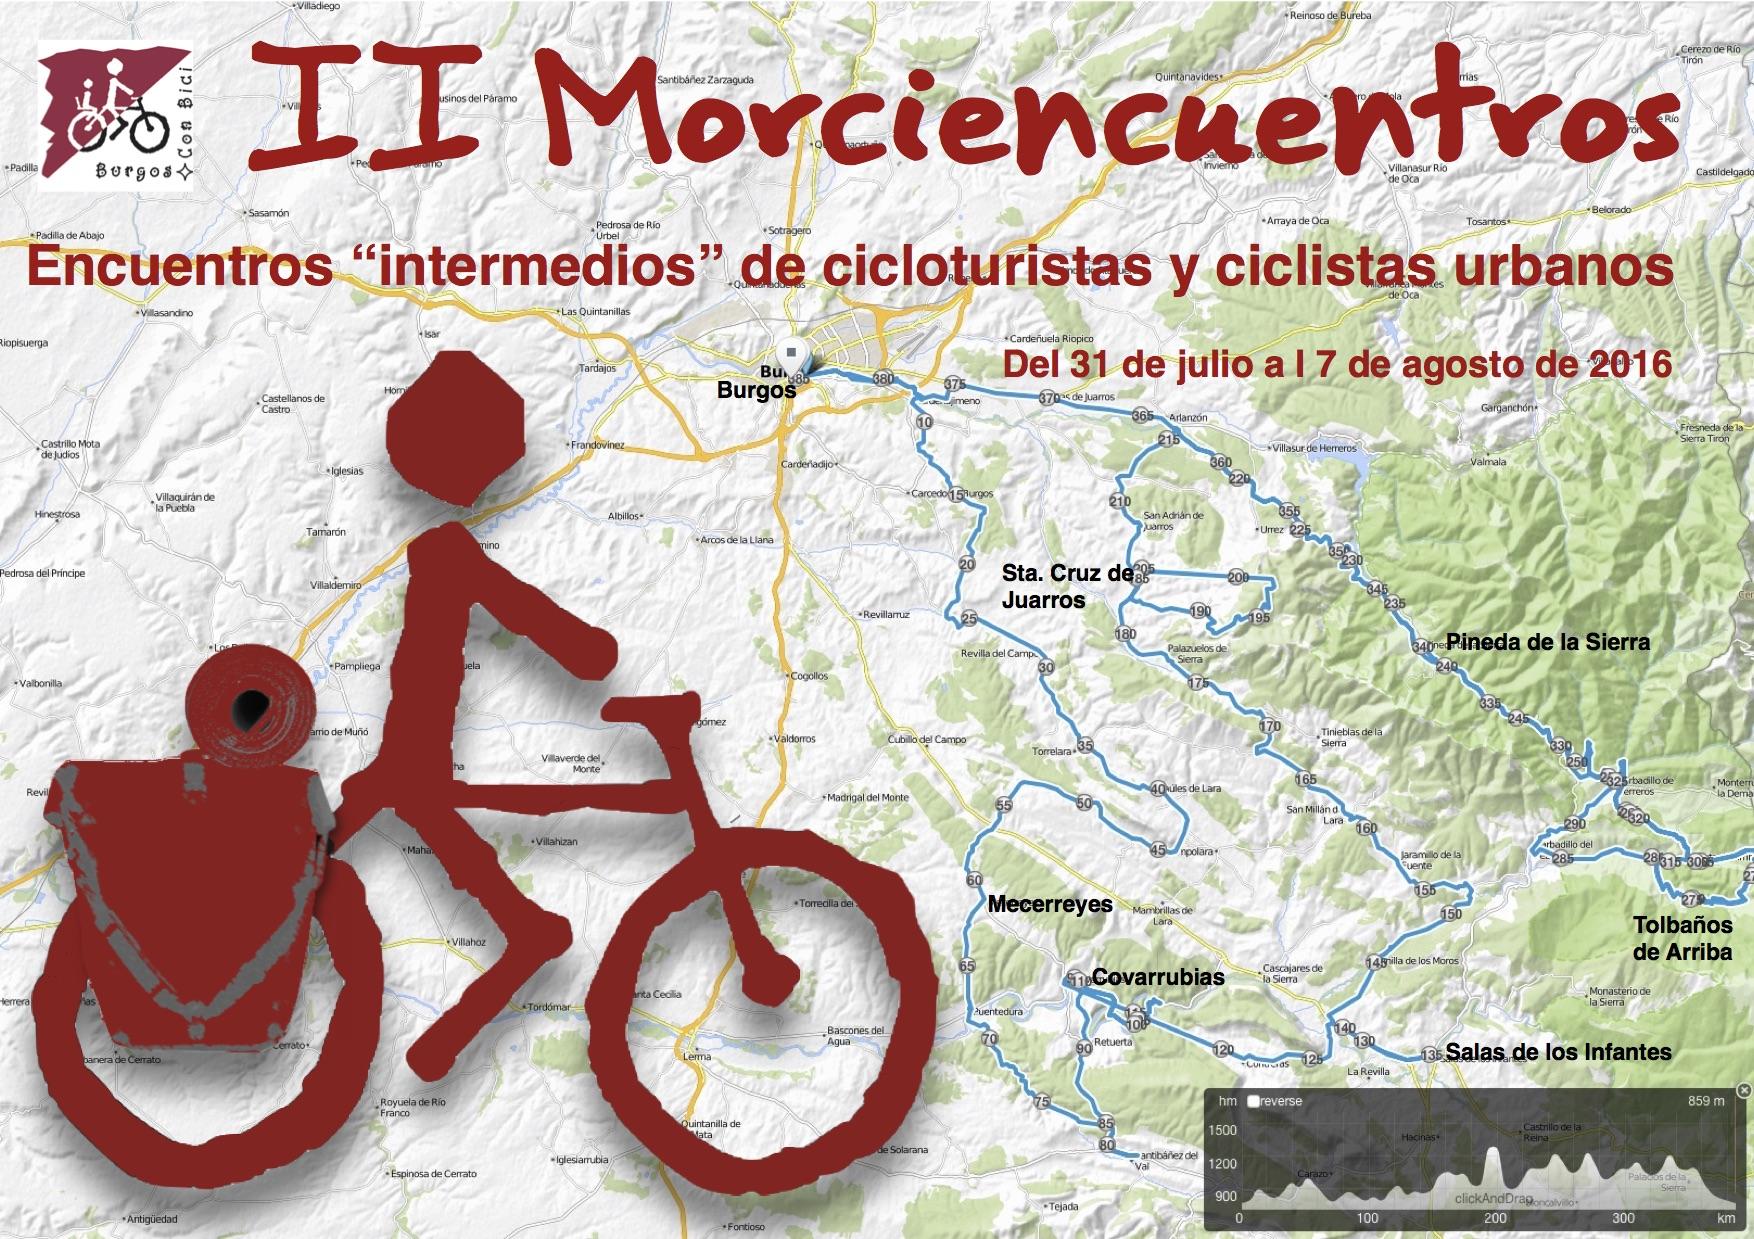 II-Morciencuentros.-Cartel, visita Mecerreyes